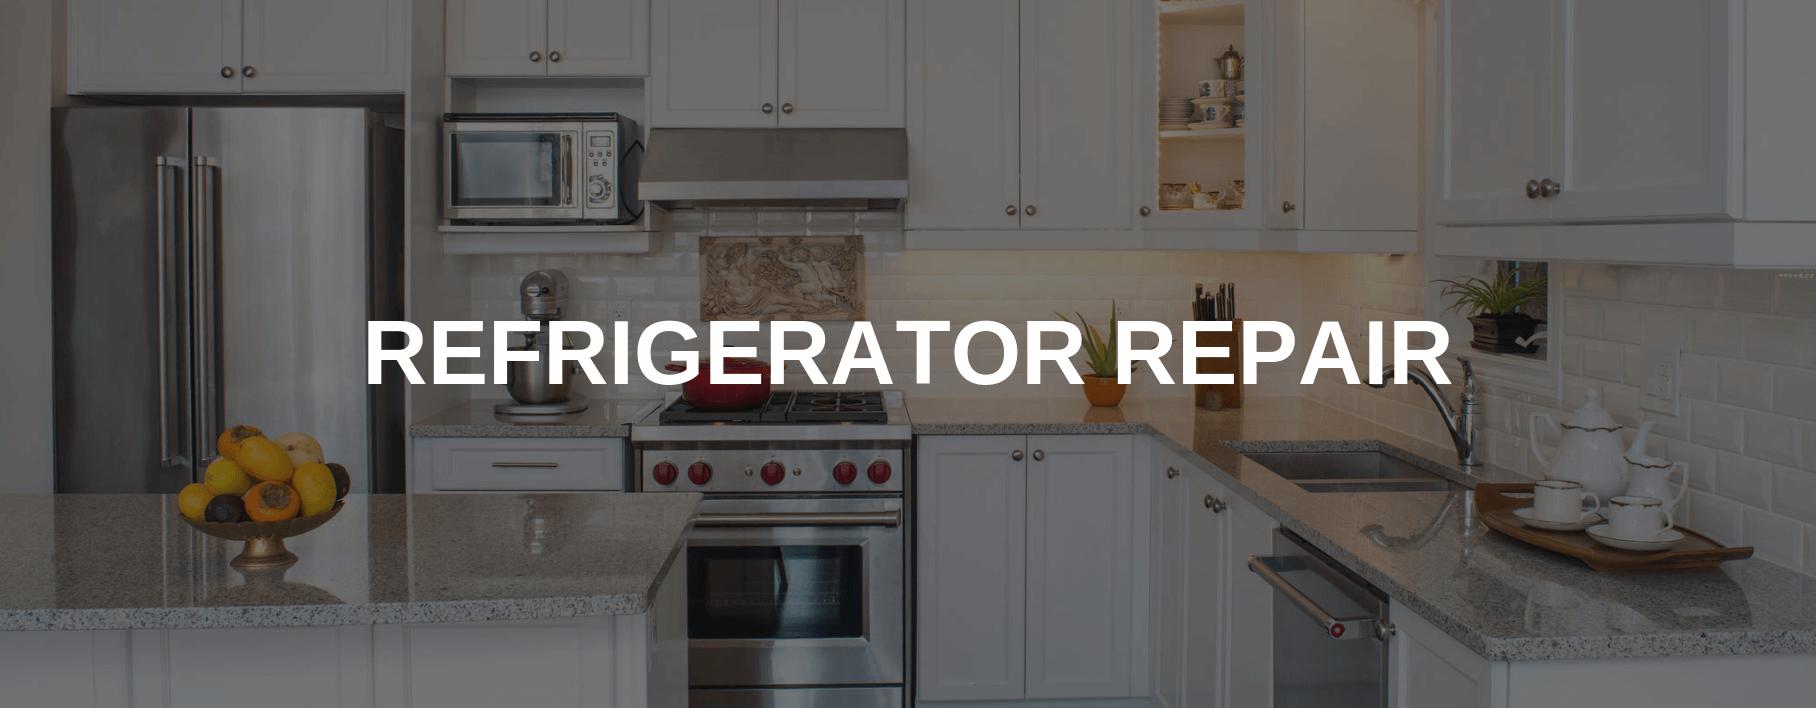 refrigerator repair augusta